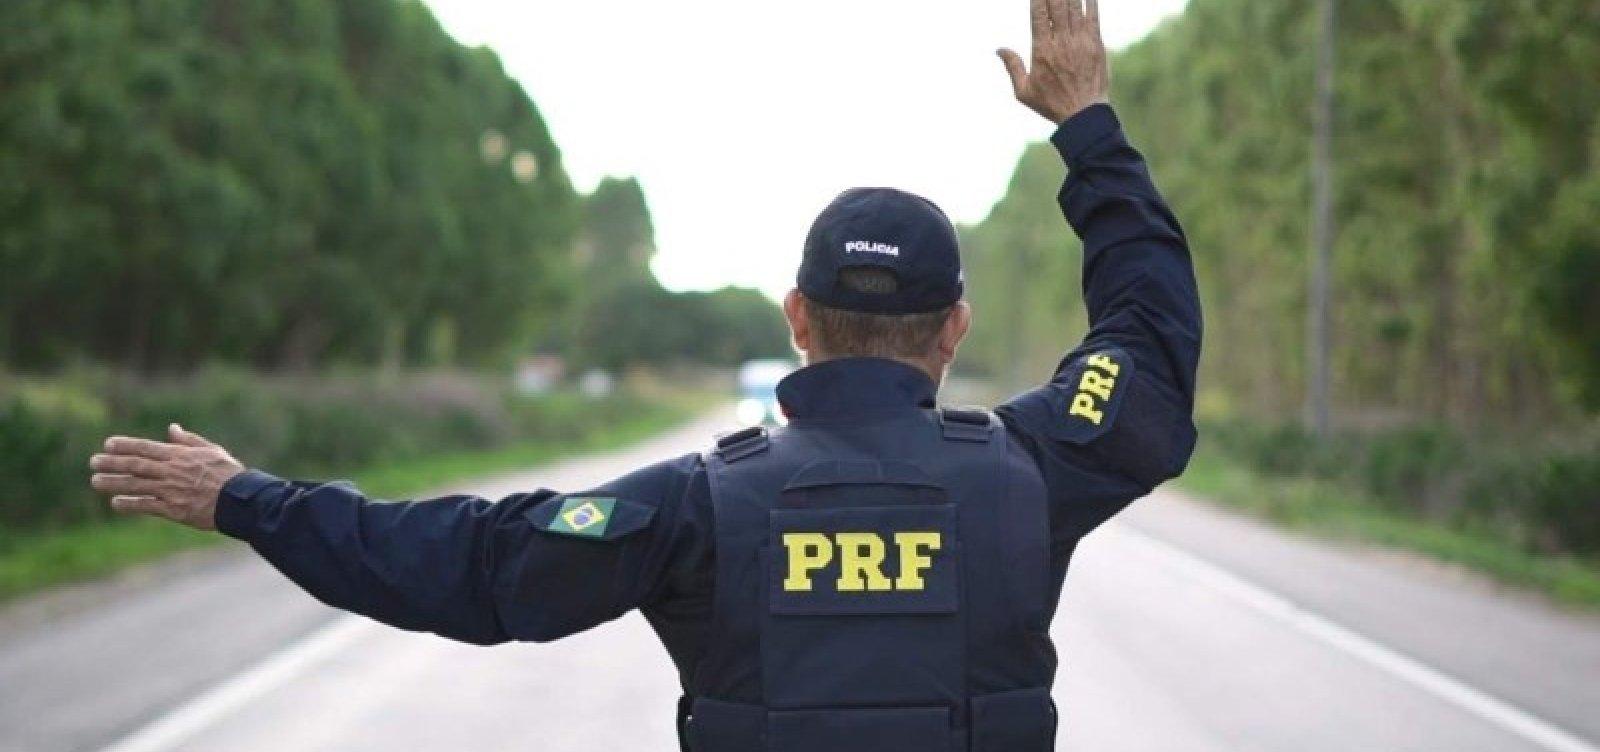 [Caminhoneiro é detido ao tentar subornar policiais na BR-101]